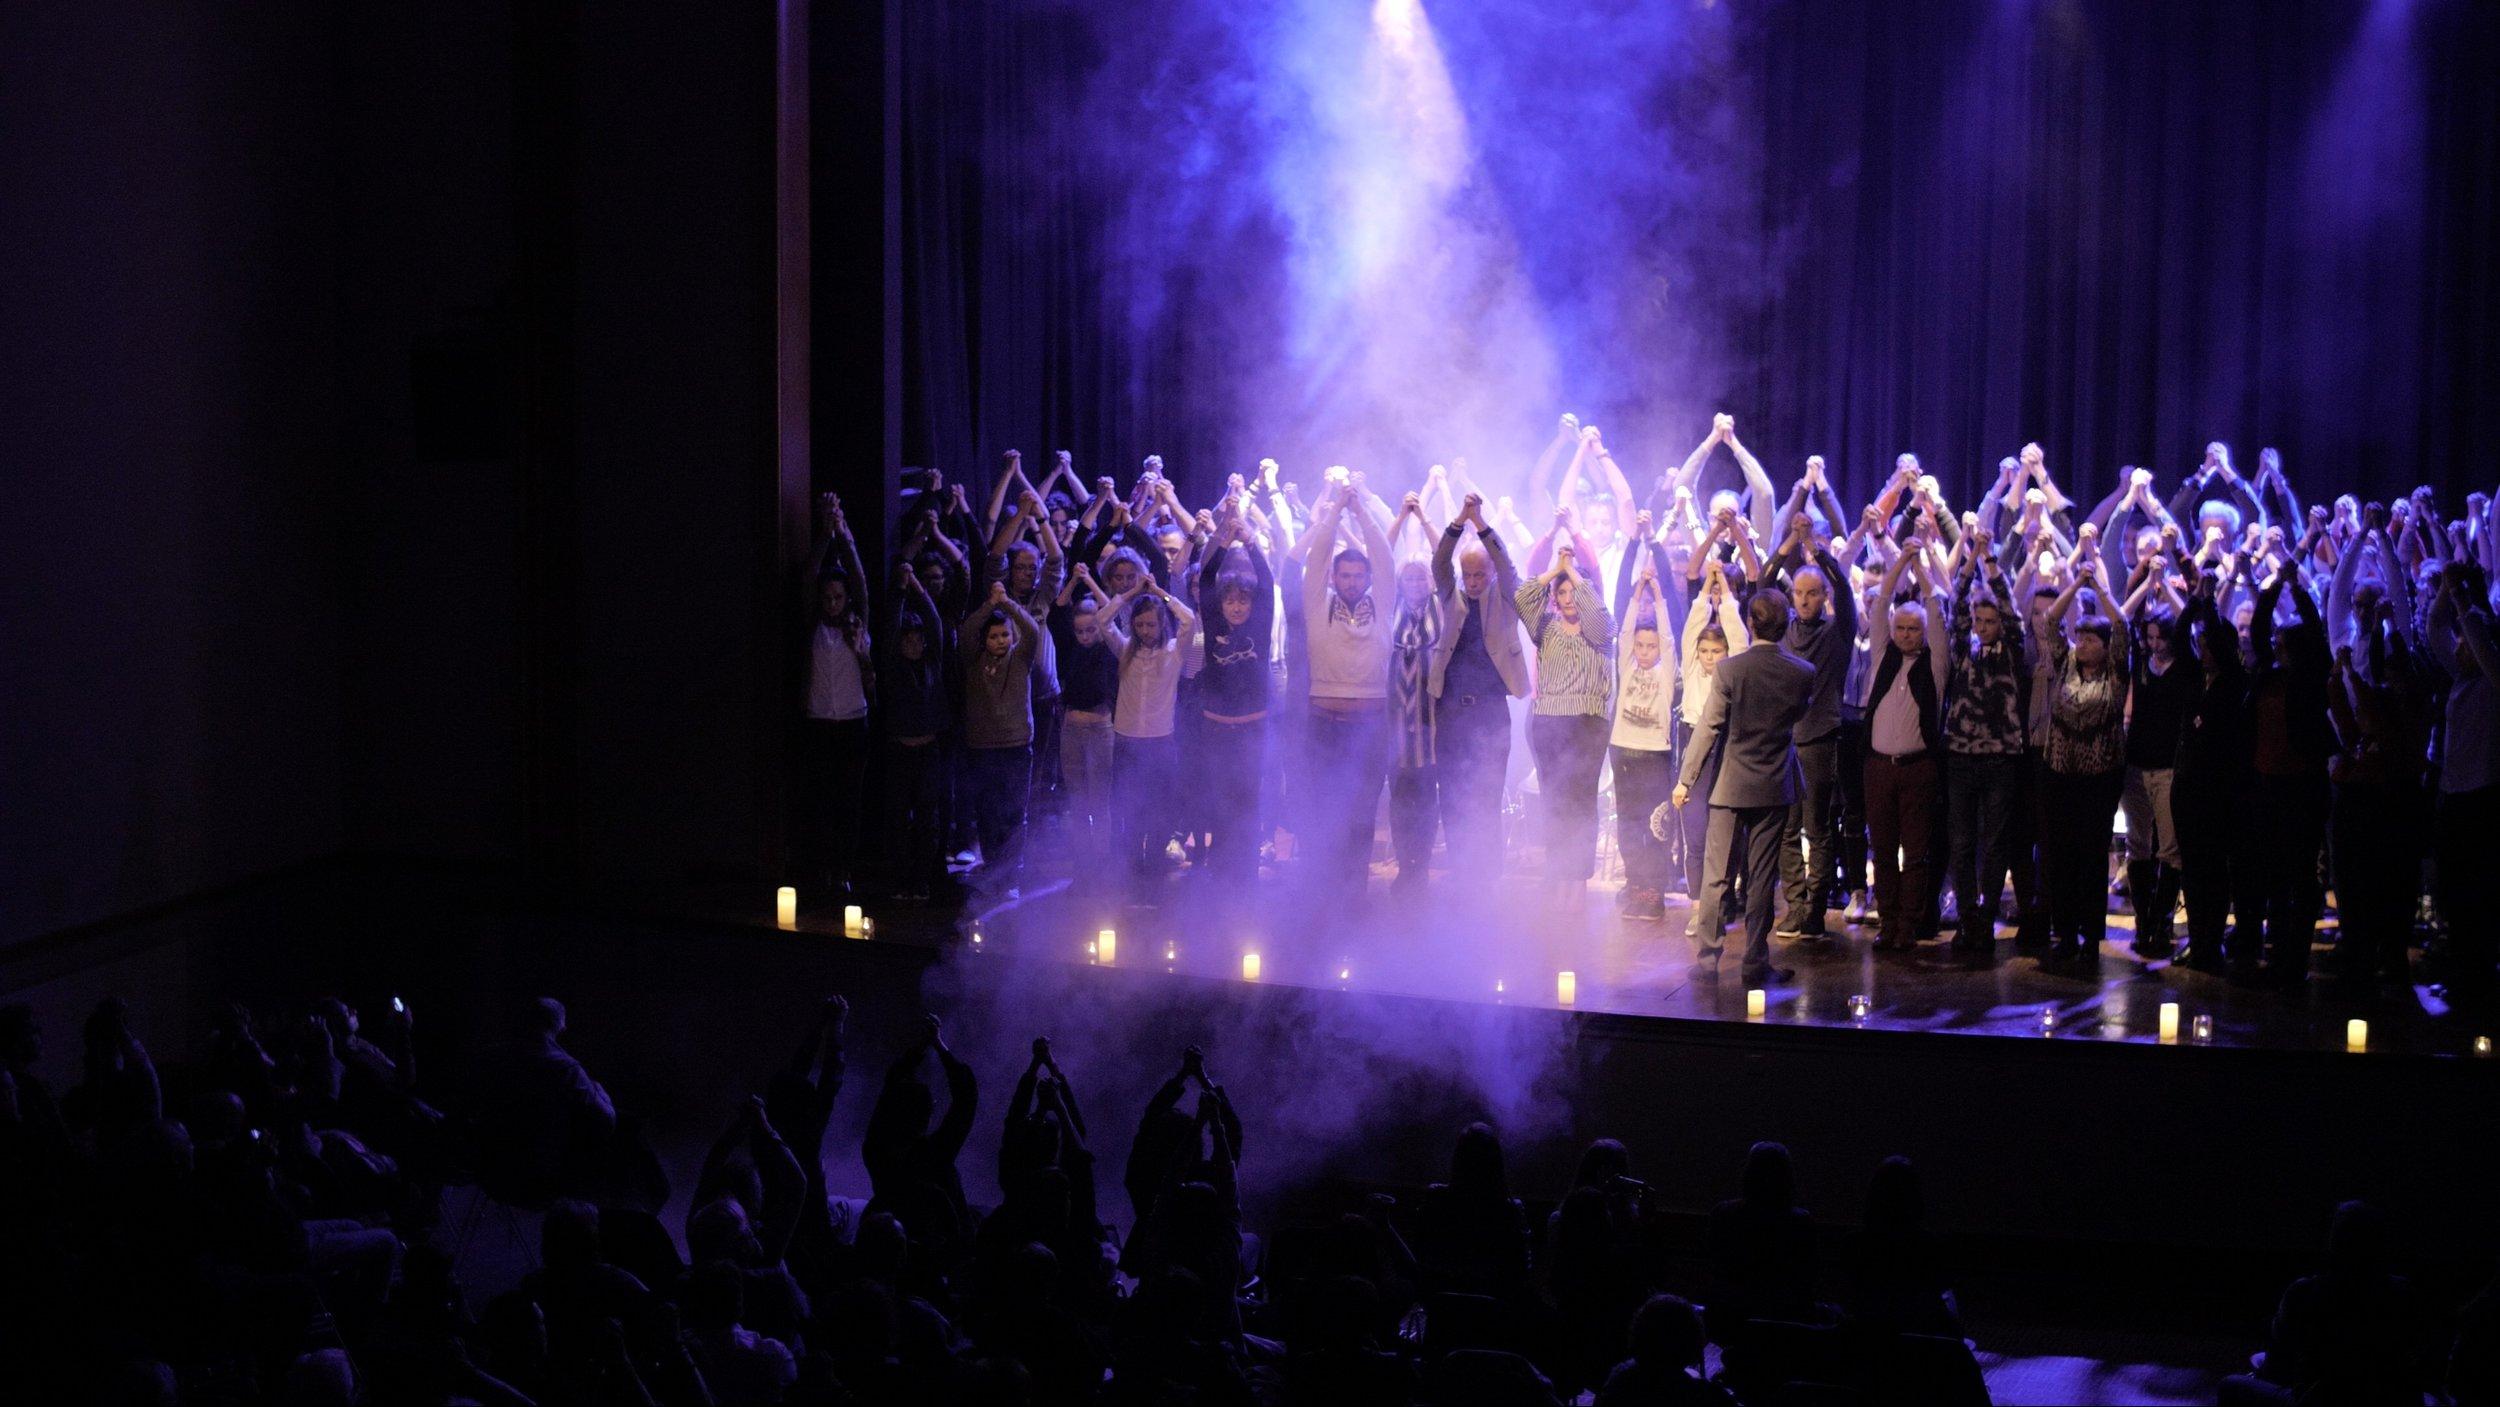 SPECTACLES DE SCÈNE - Grâce au spectacle sensationnel Attrape-Rêves, vous pourrez tester le pouvoir du subconscient par vous-même !